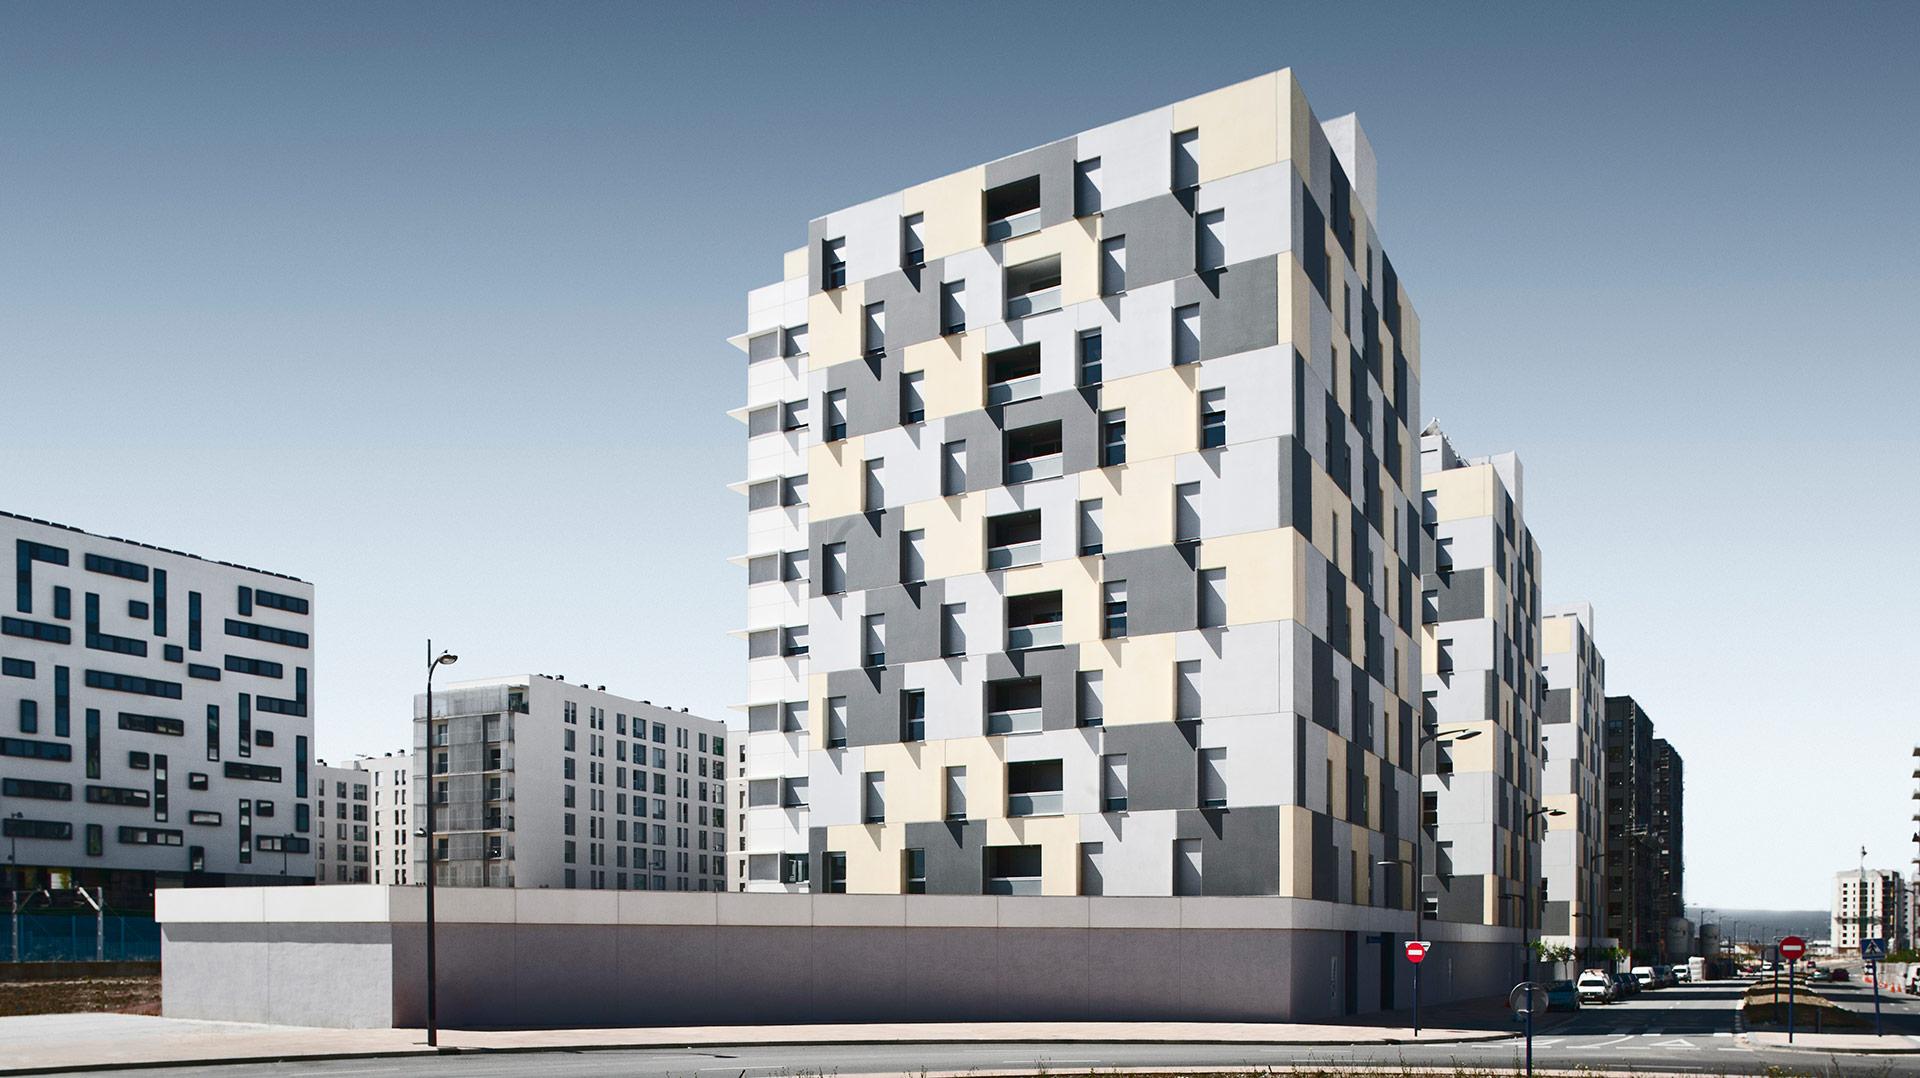 108-viviendas-VPO-en-Borinbizkarra-Proyecto-ByEarquitectos-Pamplona-Navarra-00-Portada